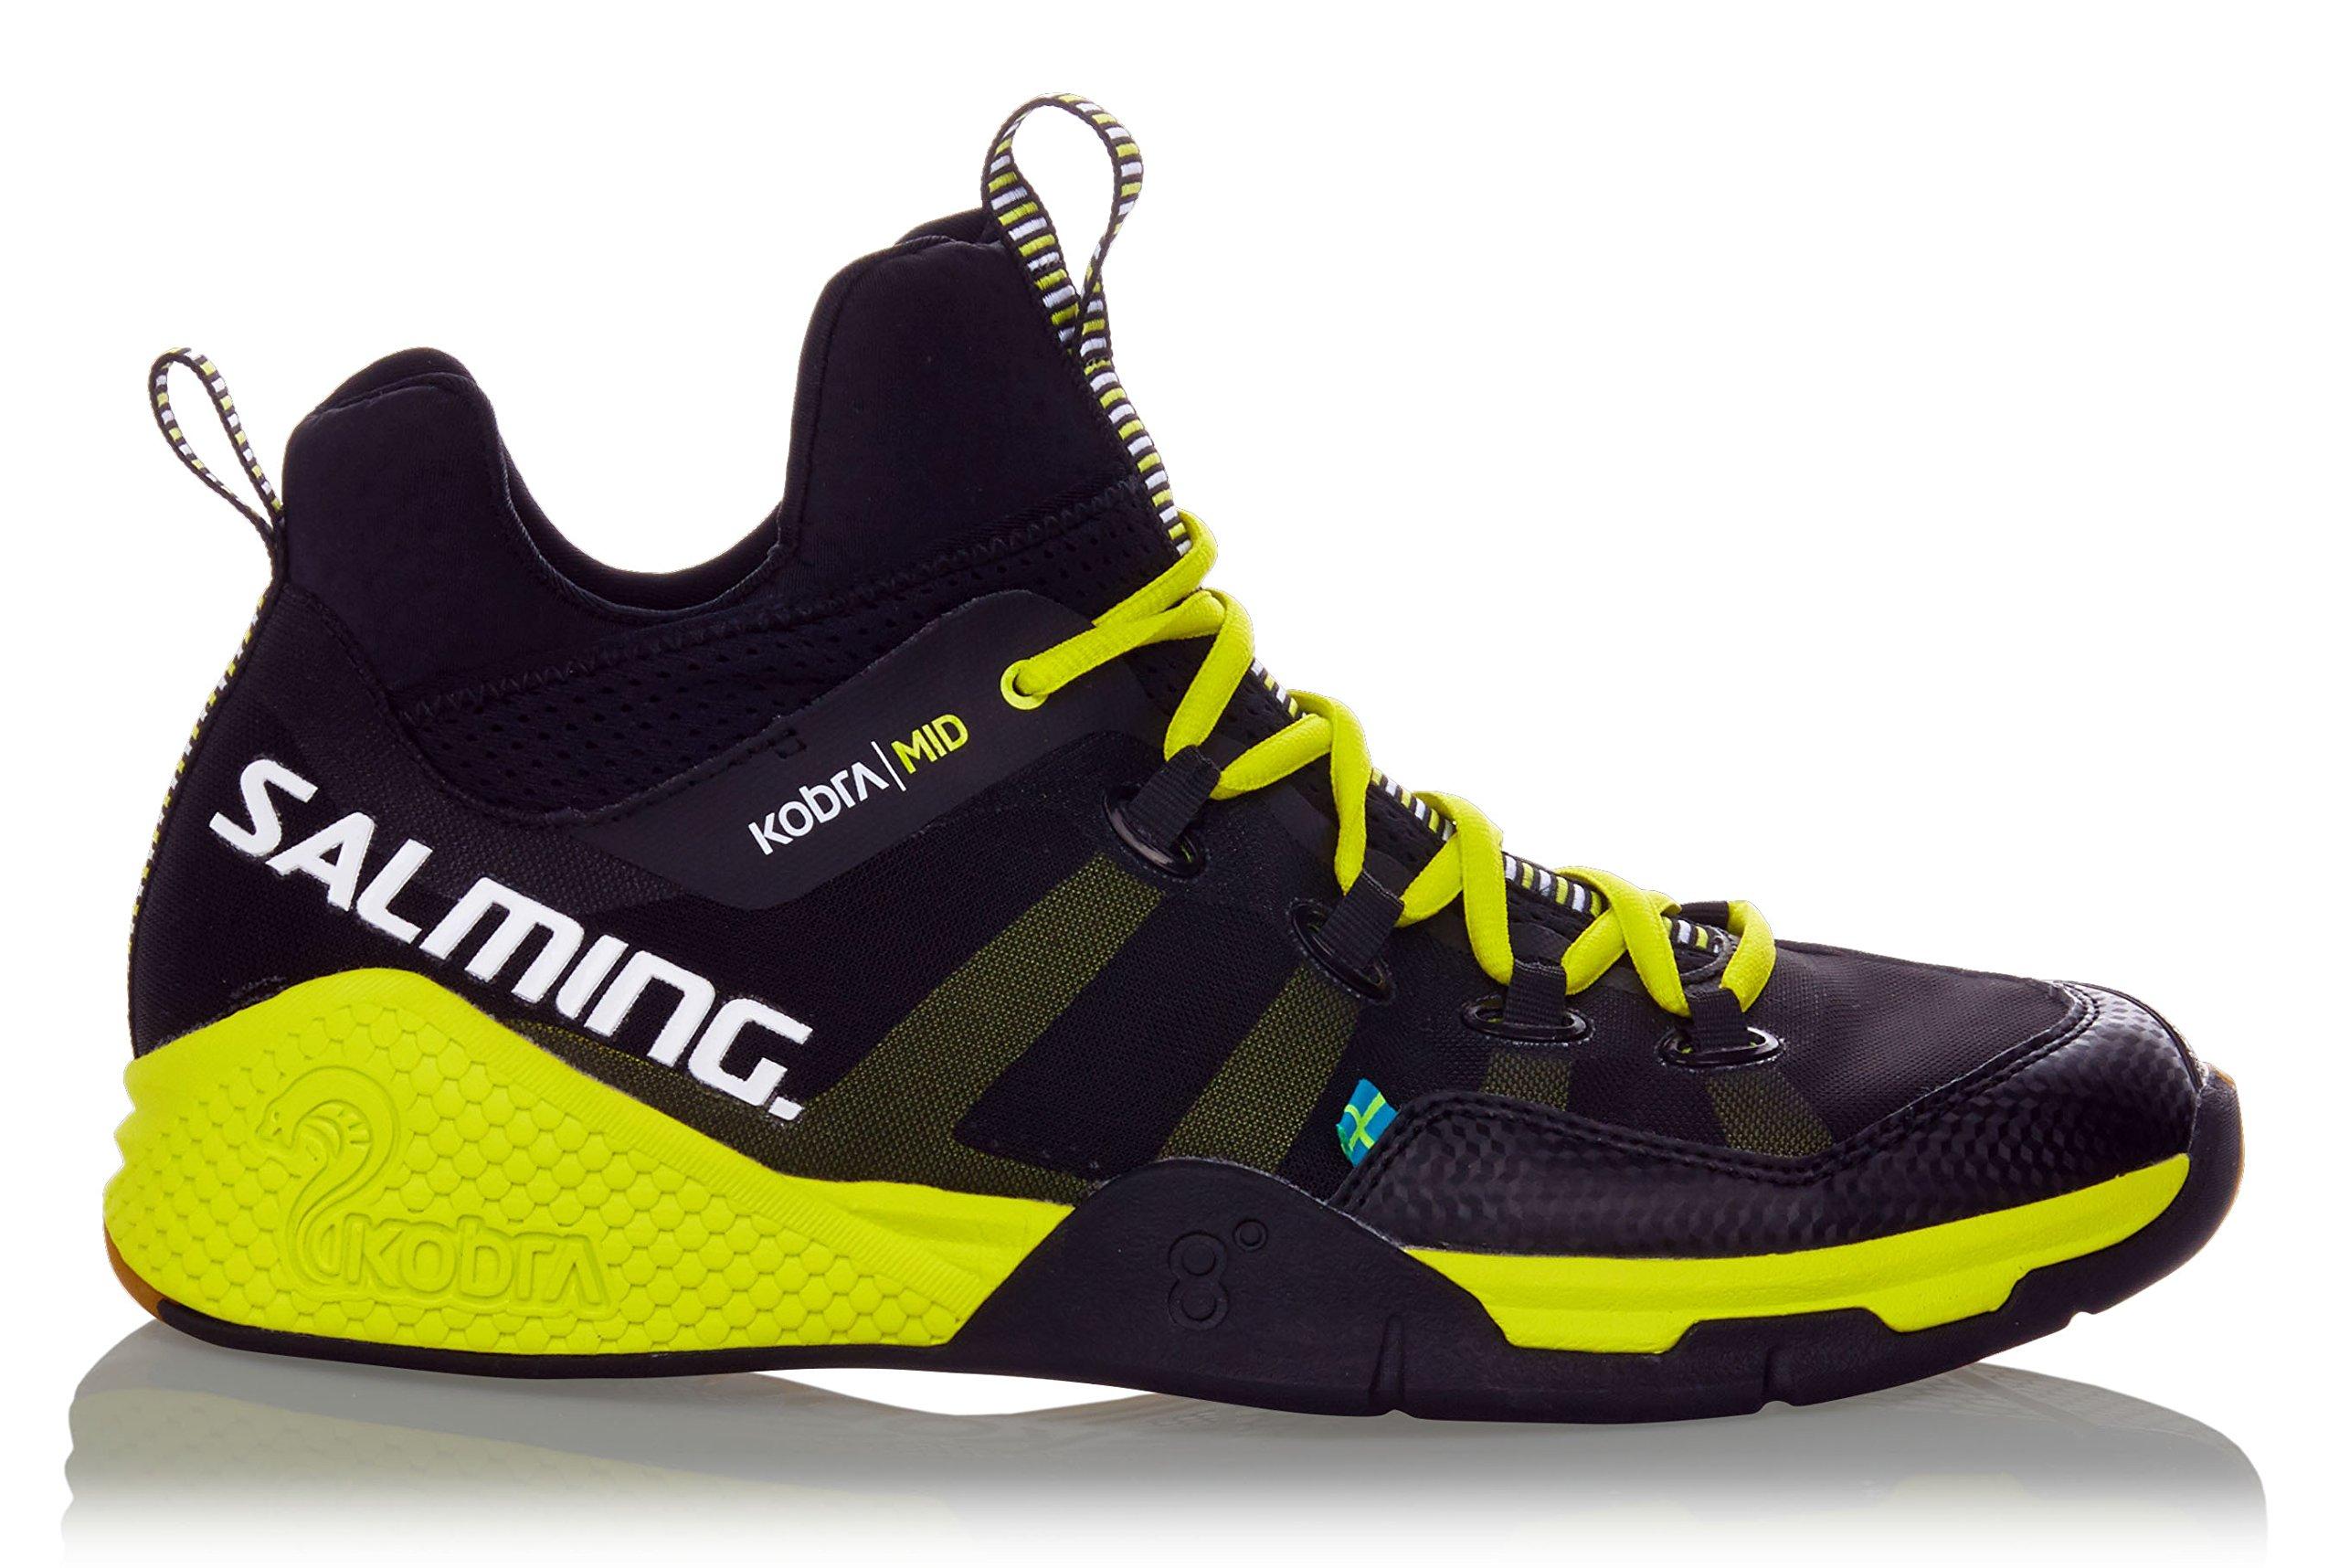 Salming Kobra Mid Men's Indoor Court Shoe Black/Yellow (14)